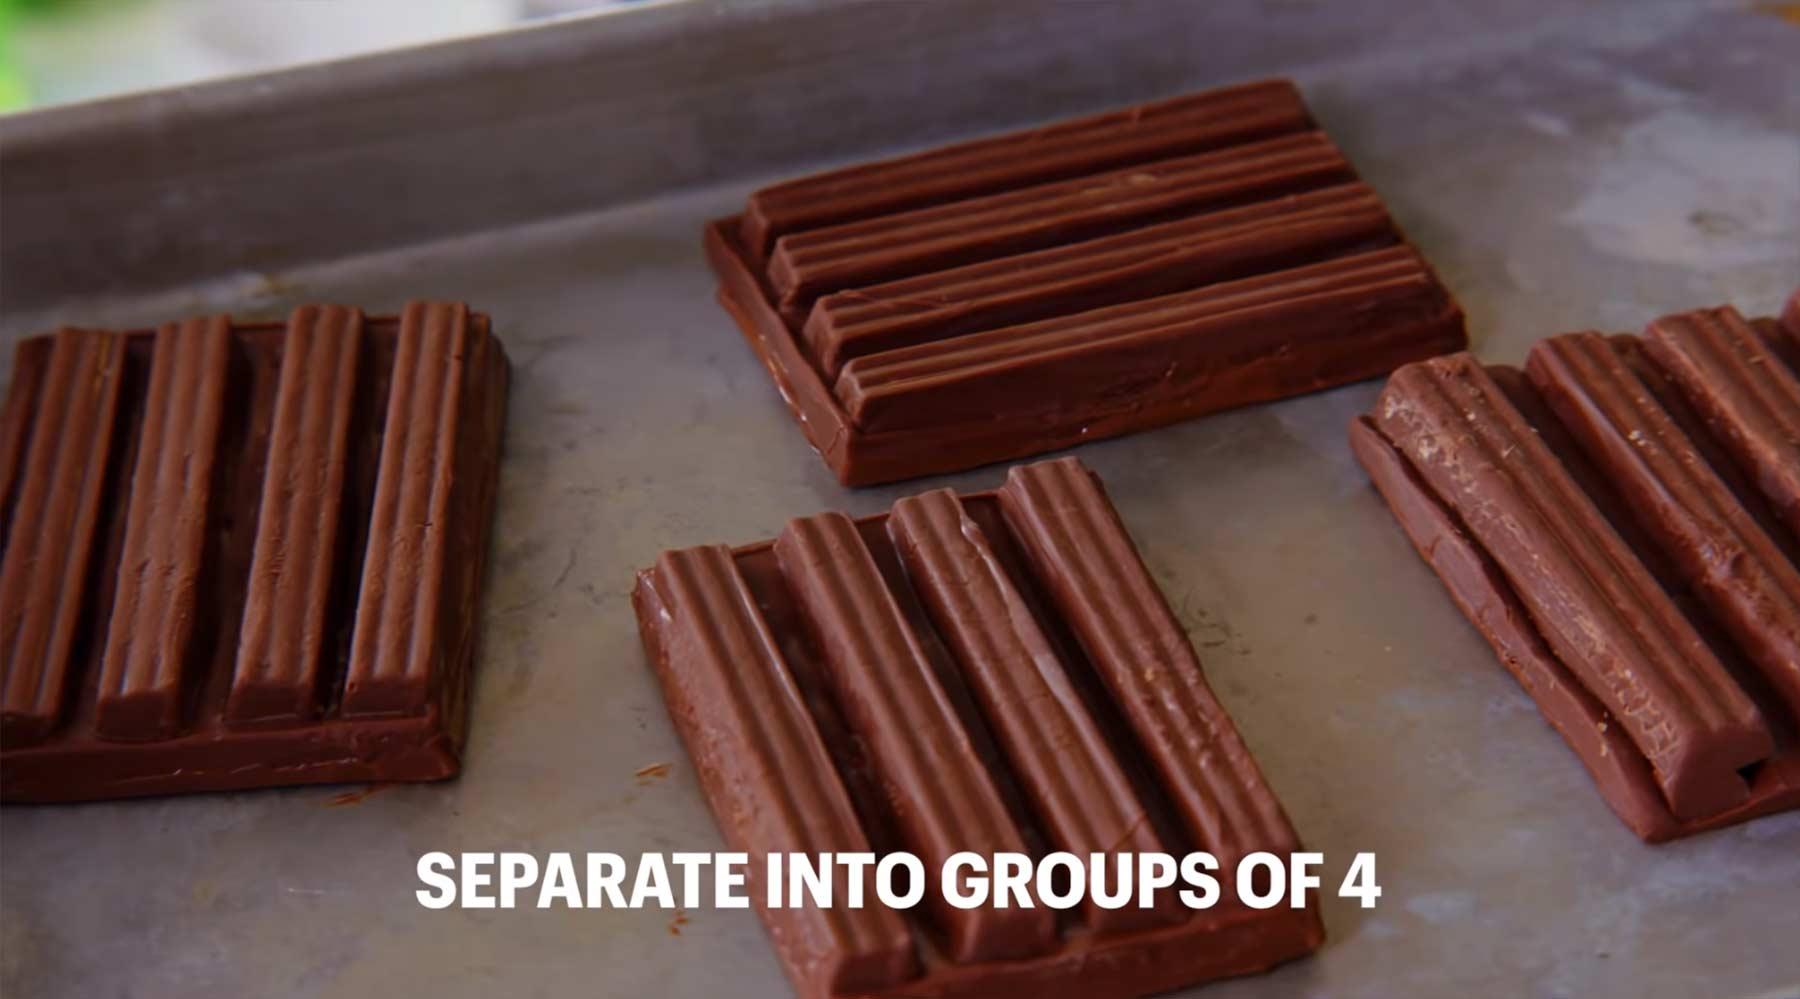 Konditorin versucht, Kit Kats nachzubacken